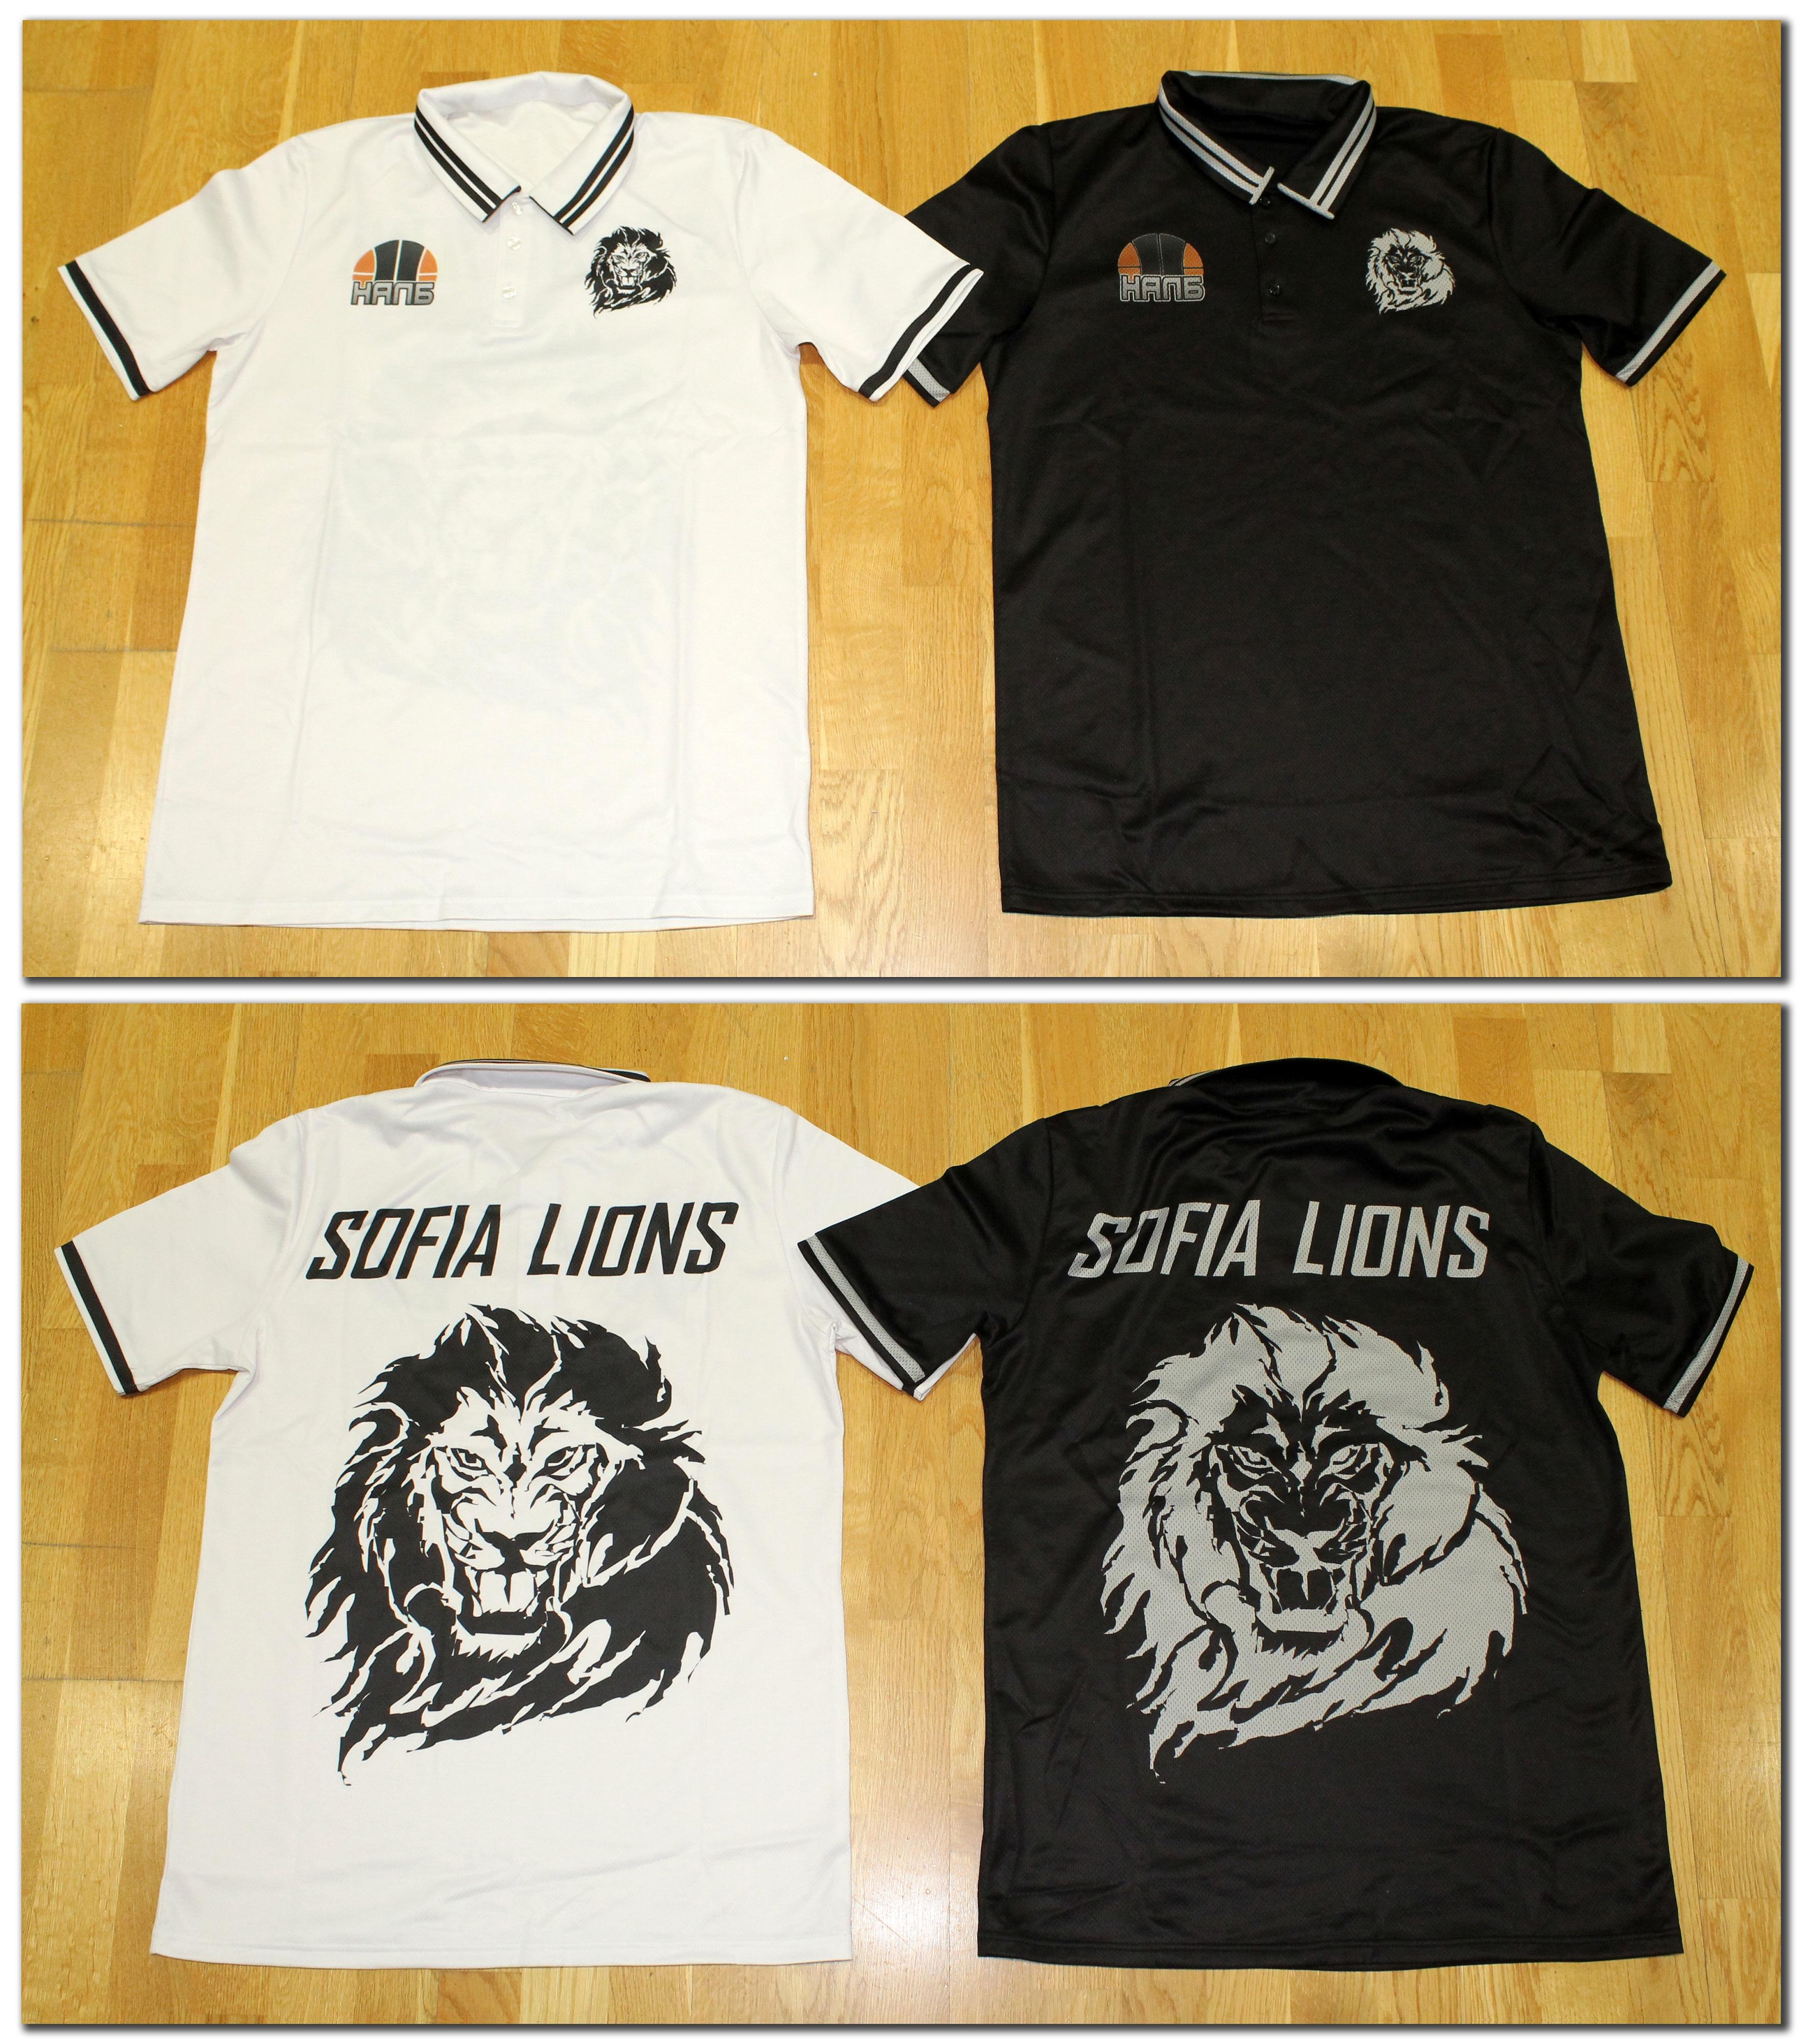 Тениска с яка (100% памук отвътре, 100% полиестер отвън) - 28.00 лева*